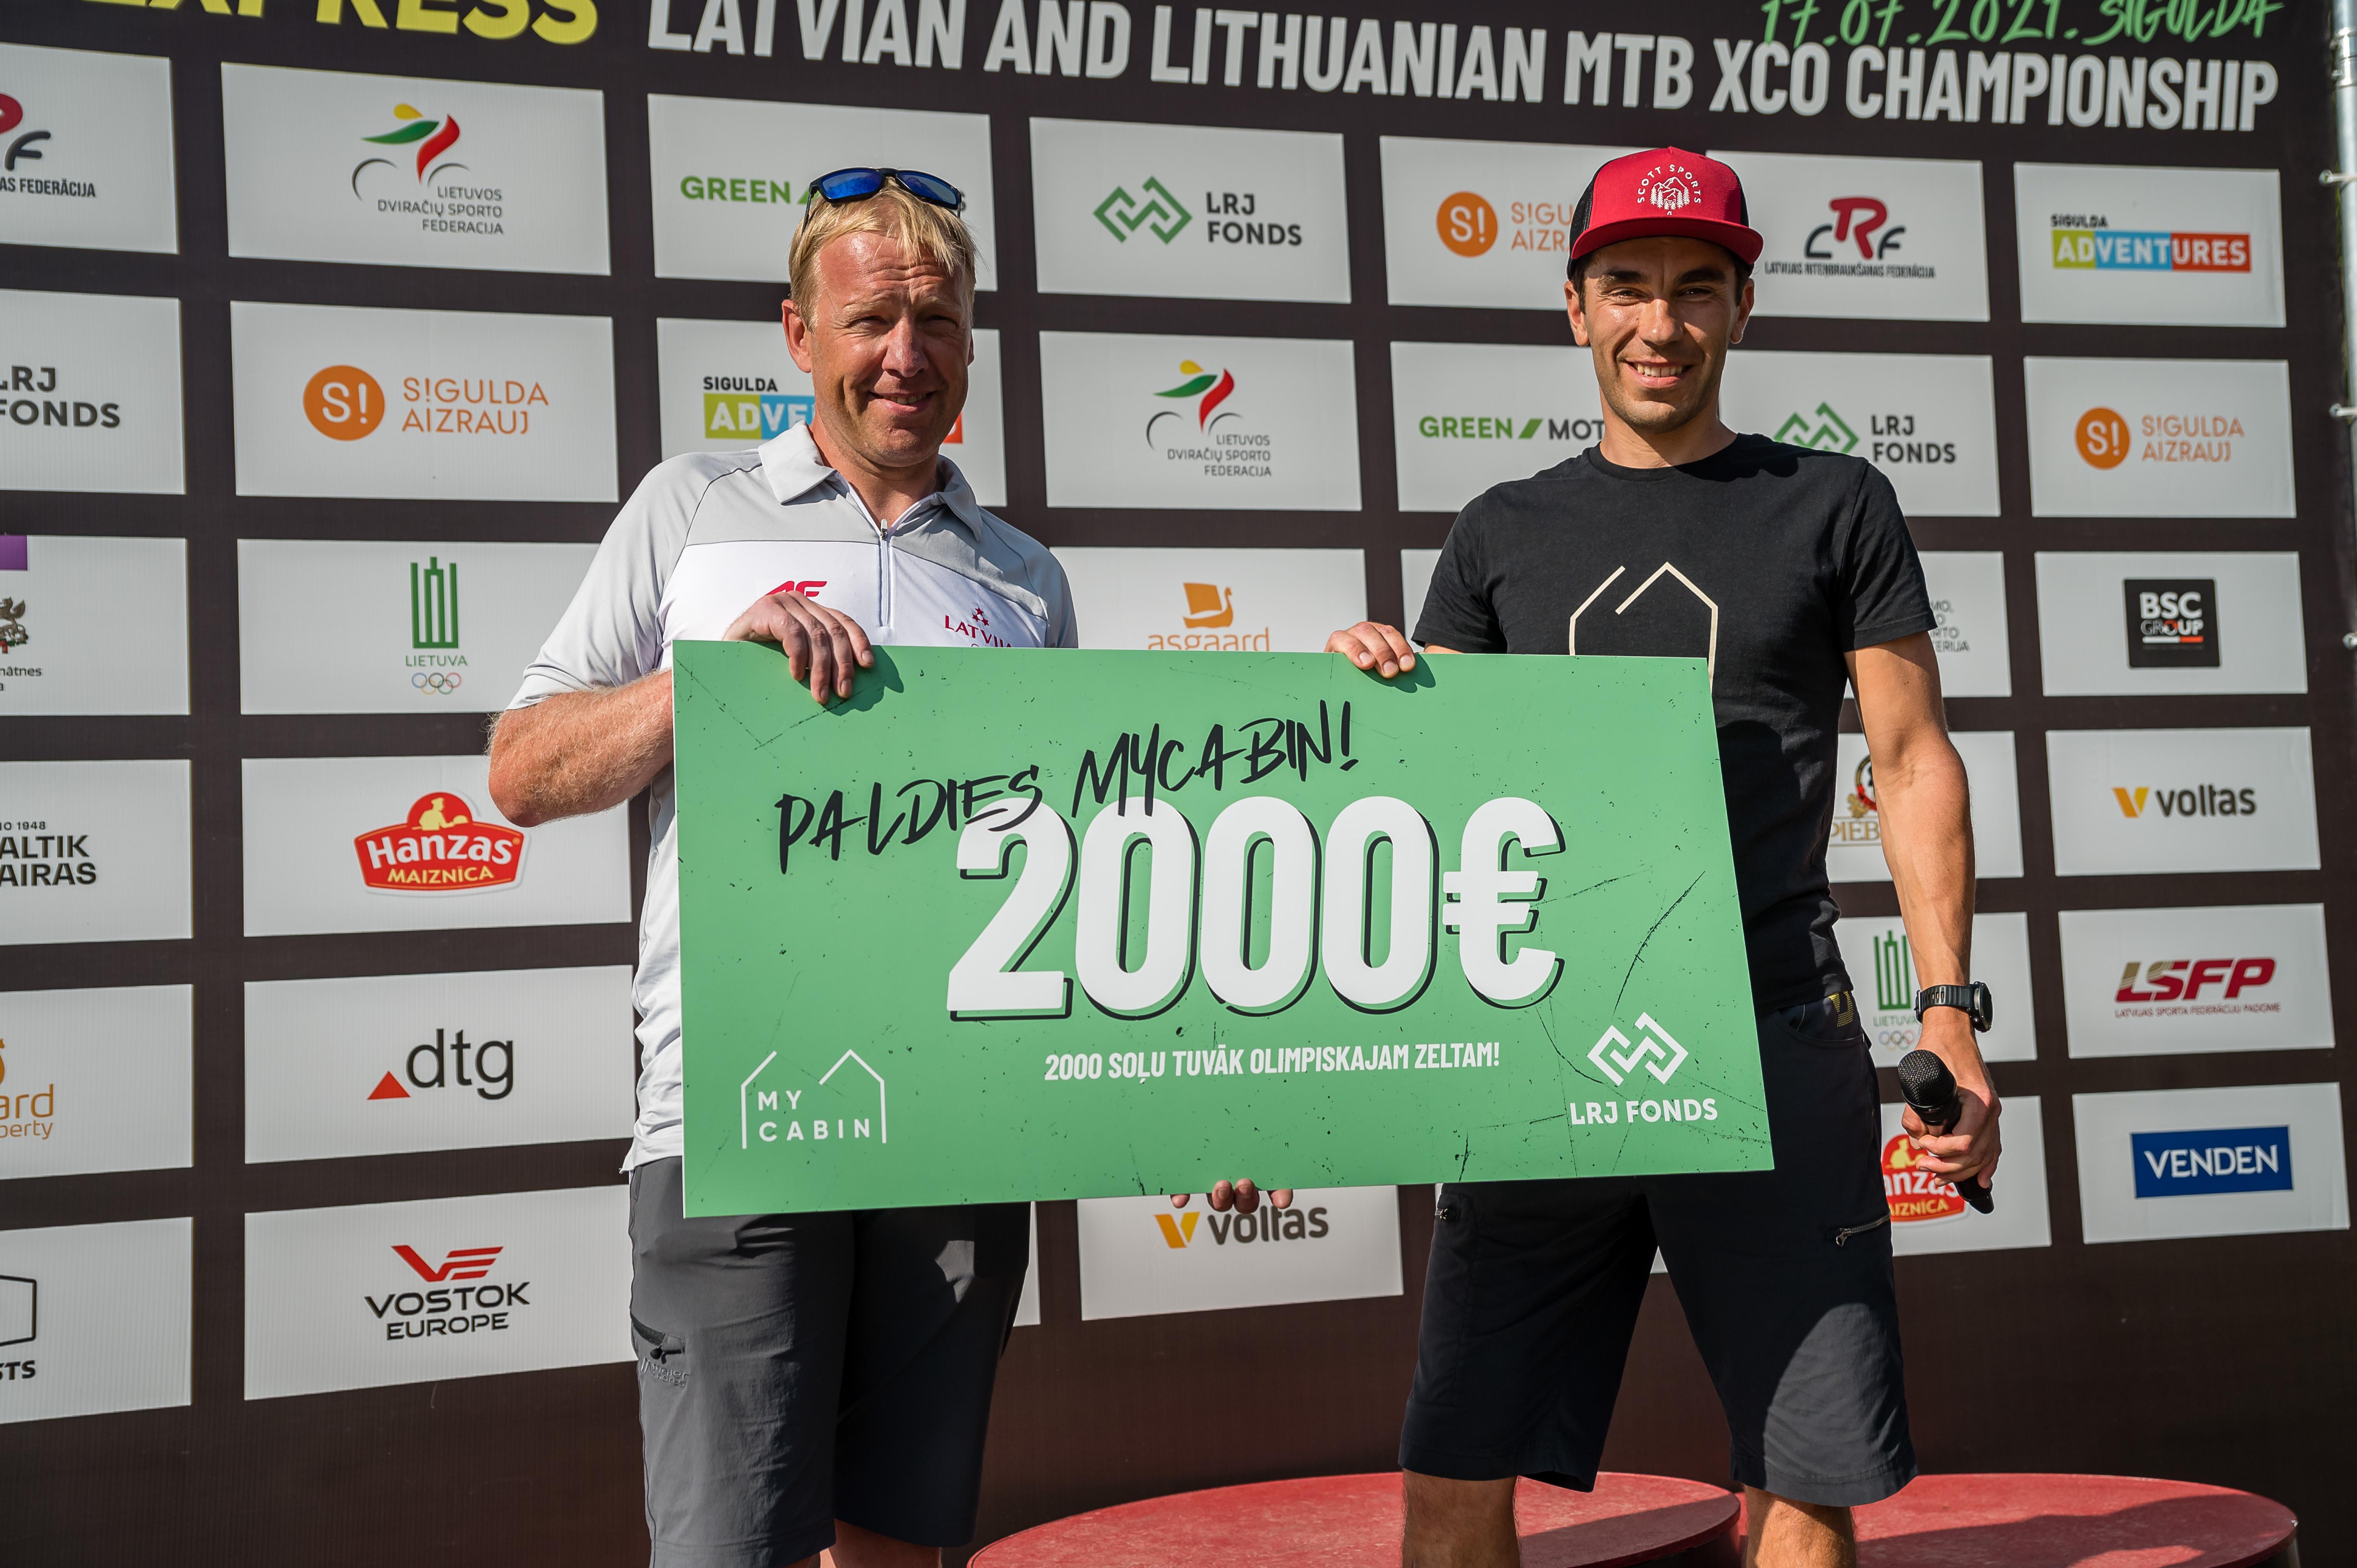 """""""MyCabin"""" ziedo 2000 EUR Latvijas jaunatnes riteņbraukšanas fonda attīstībai"""